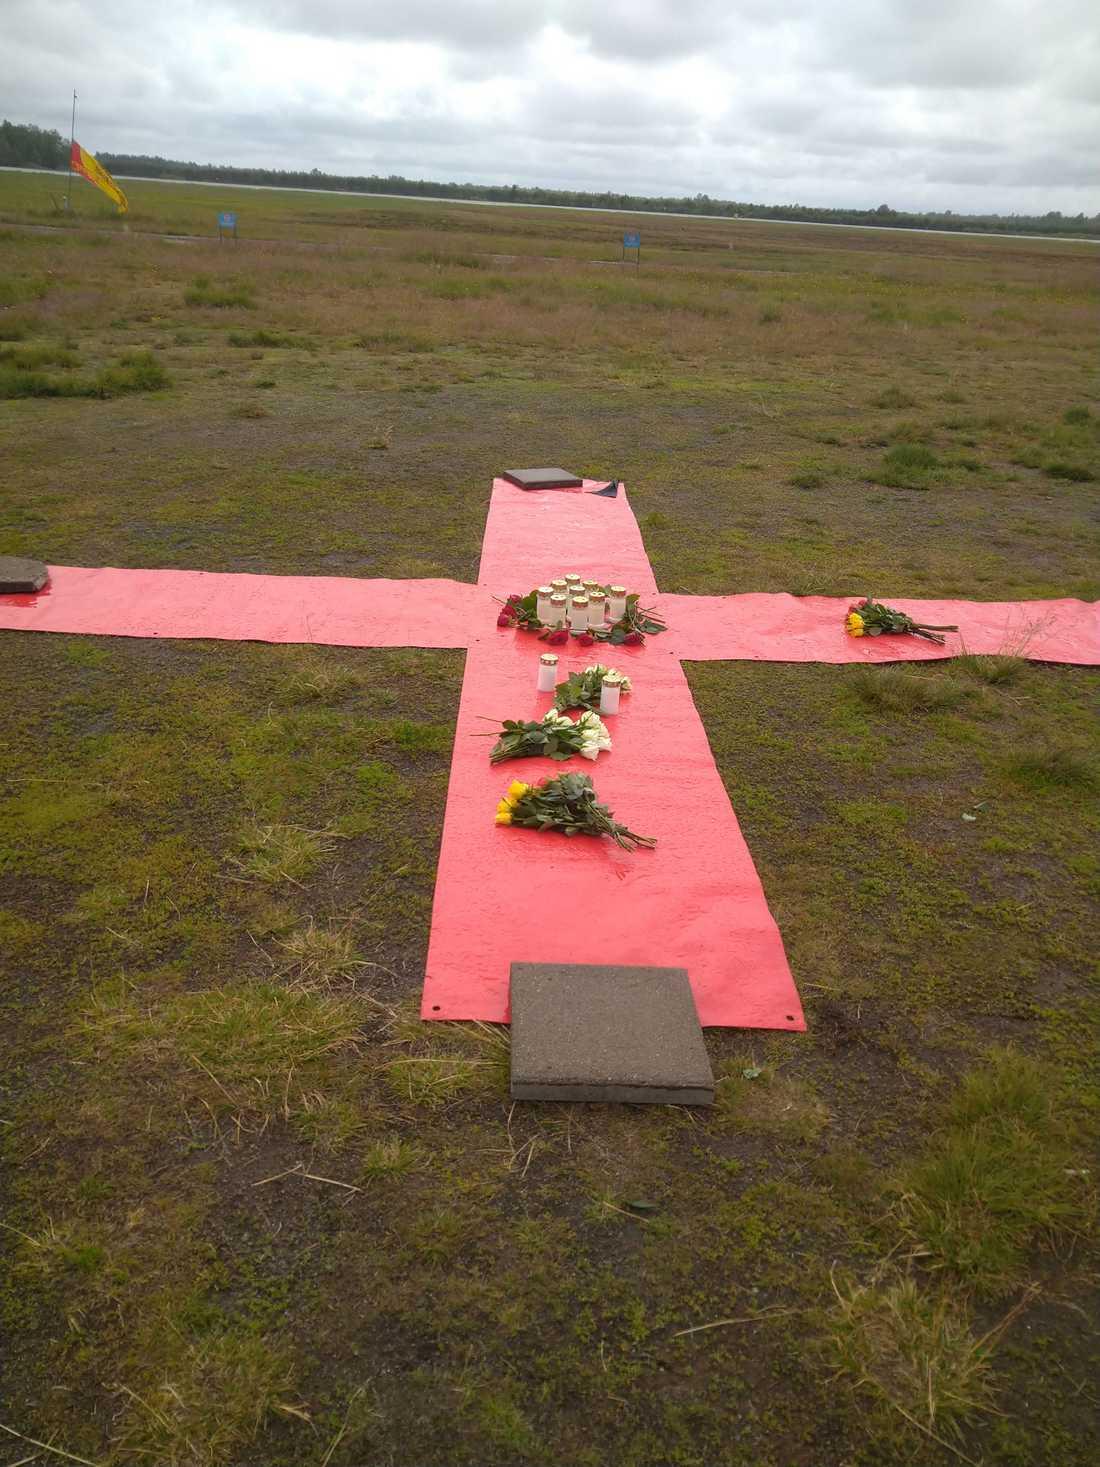 Sörjande har placerat blommor på ett stort kryss som fallskärmshoppare siktar på under hoppen.